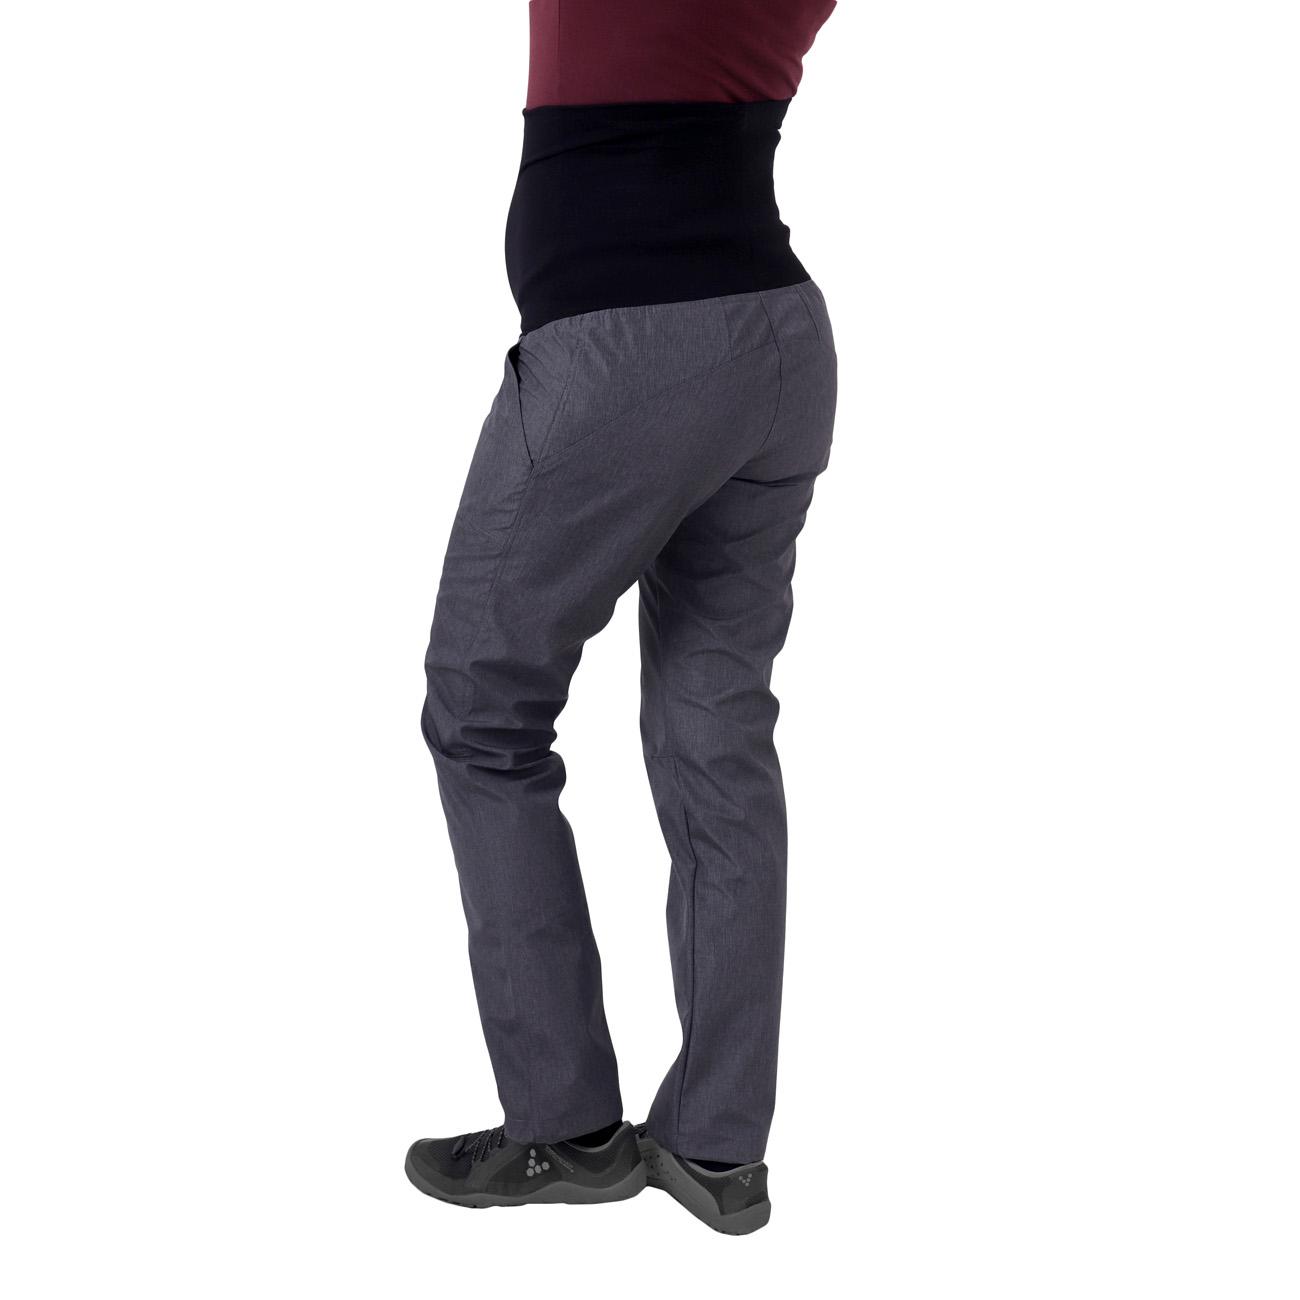 Jarní/letní těhotenské softshellové kalhoty liva, šedý melír, 44 prodloužené